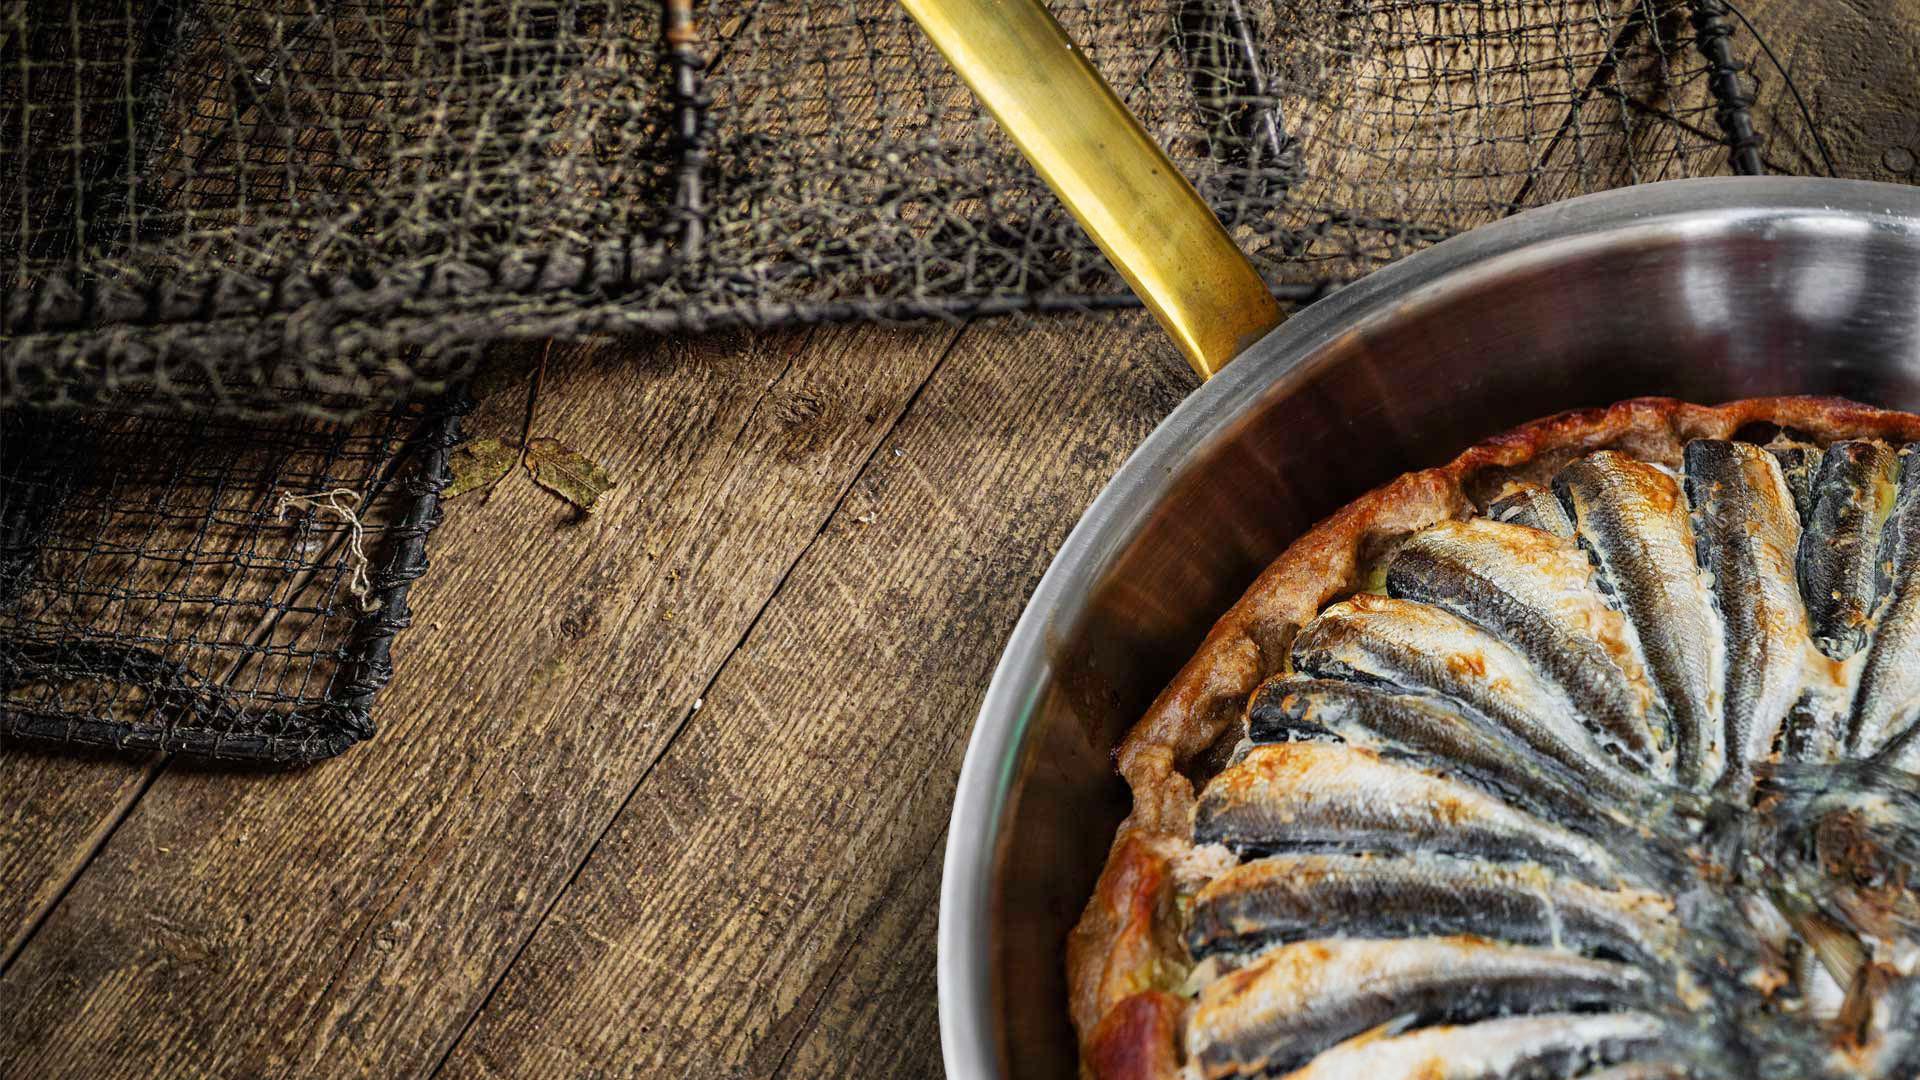 Hätälän kotimaista luonnonkalaa | Muikku | Muikku tarte tatin